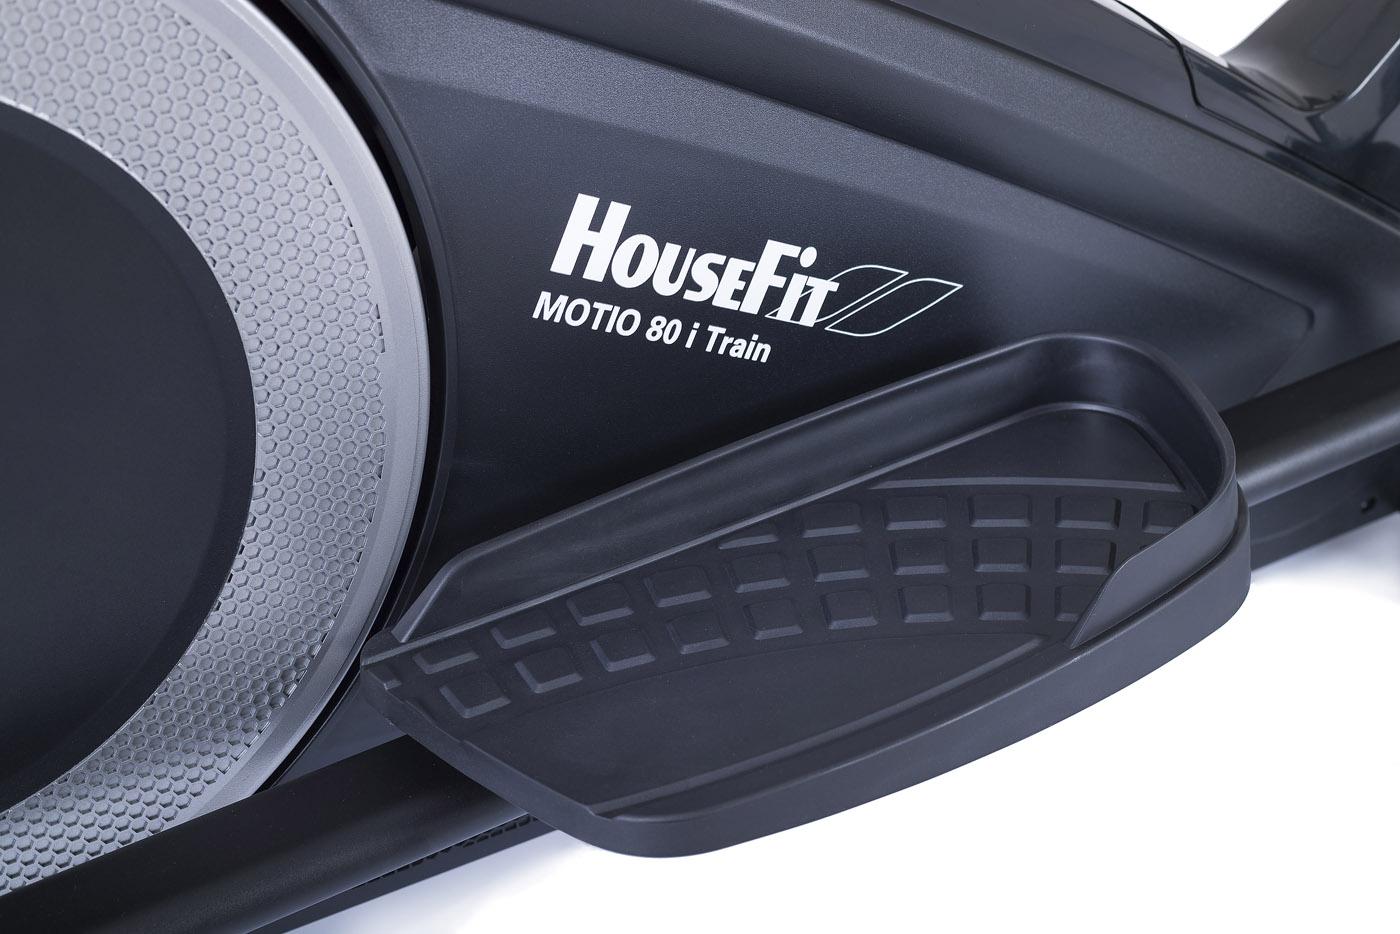 Housefit Motio 80 iTrain _nášlap